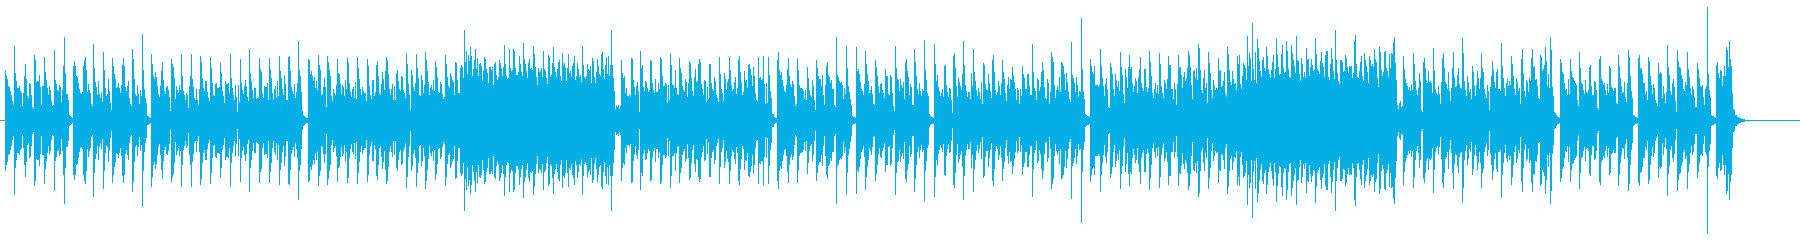 キャッチーなヨーロピアン・メロディーの再生済みの波形